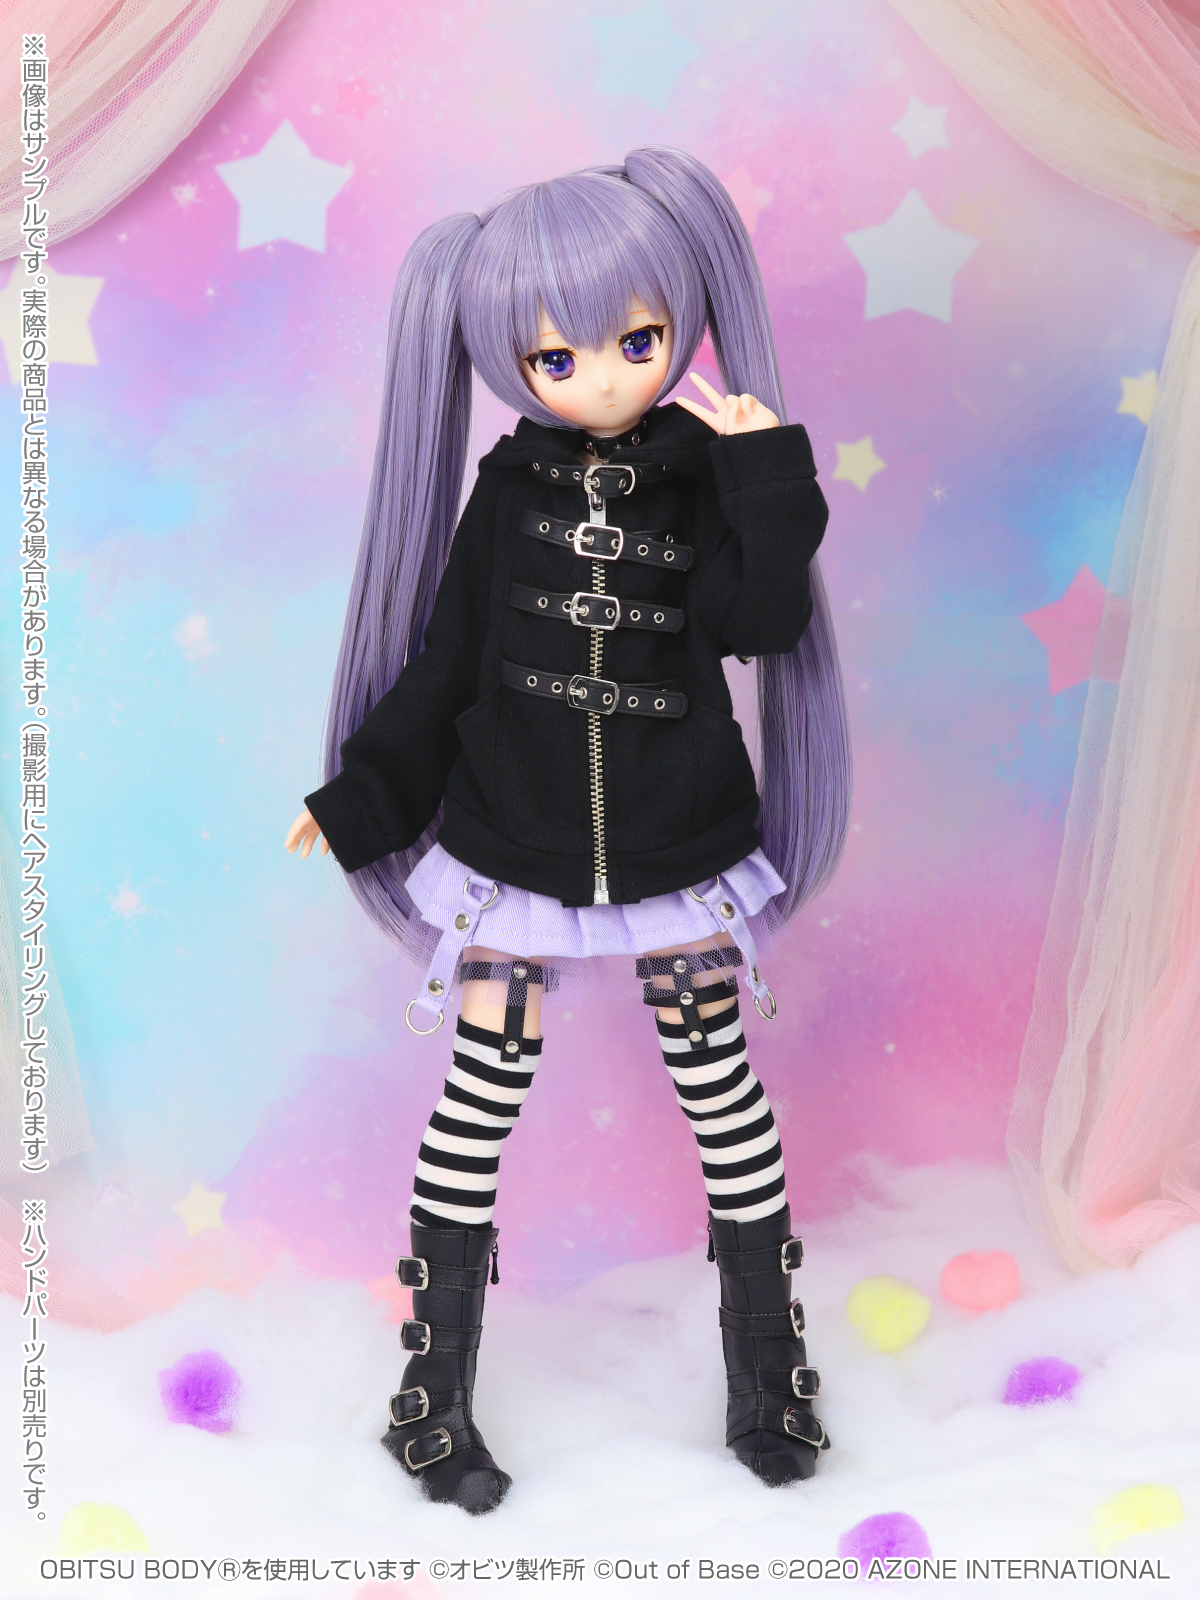 【限定販売】Iris Collect petit『すずね/Noraneko drops ver.1.1(アゾンダイレクトストア販売ver.)』1/3 完成品ドール-001